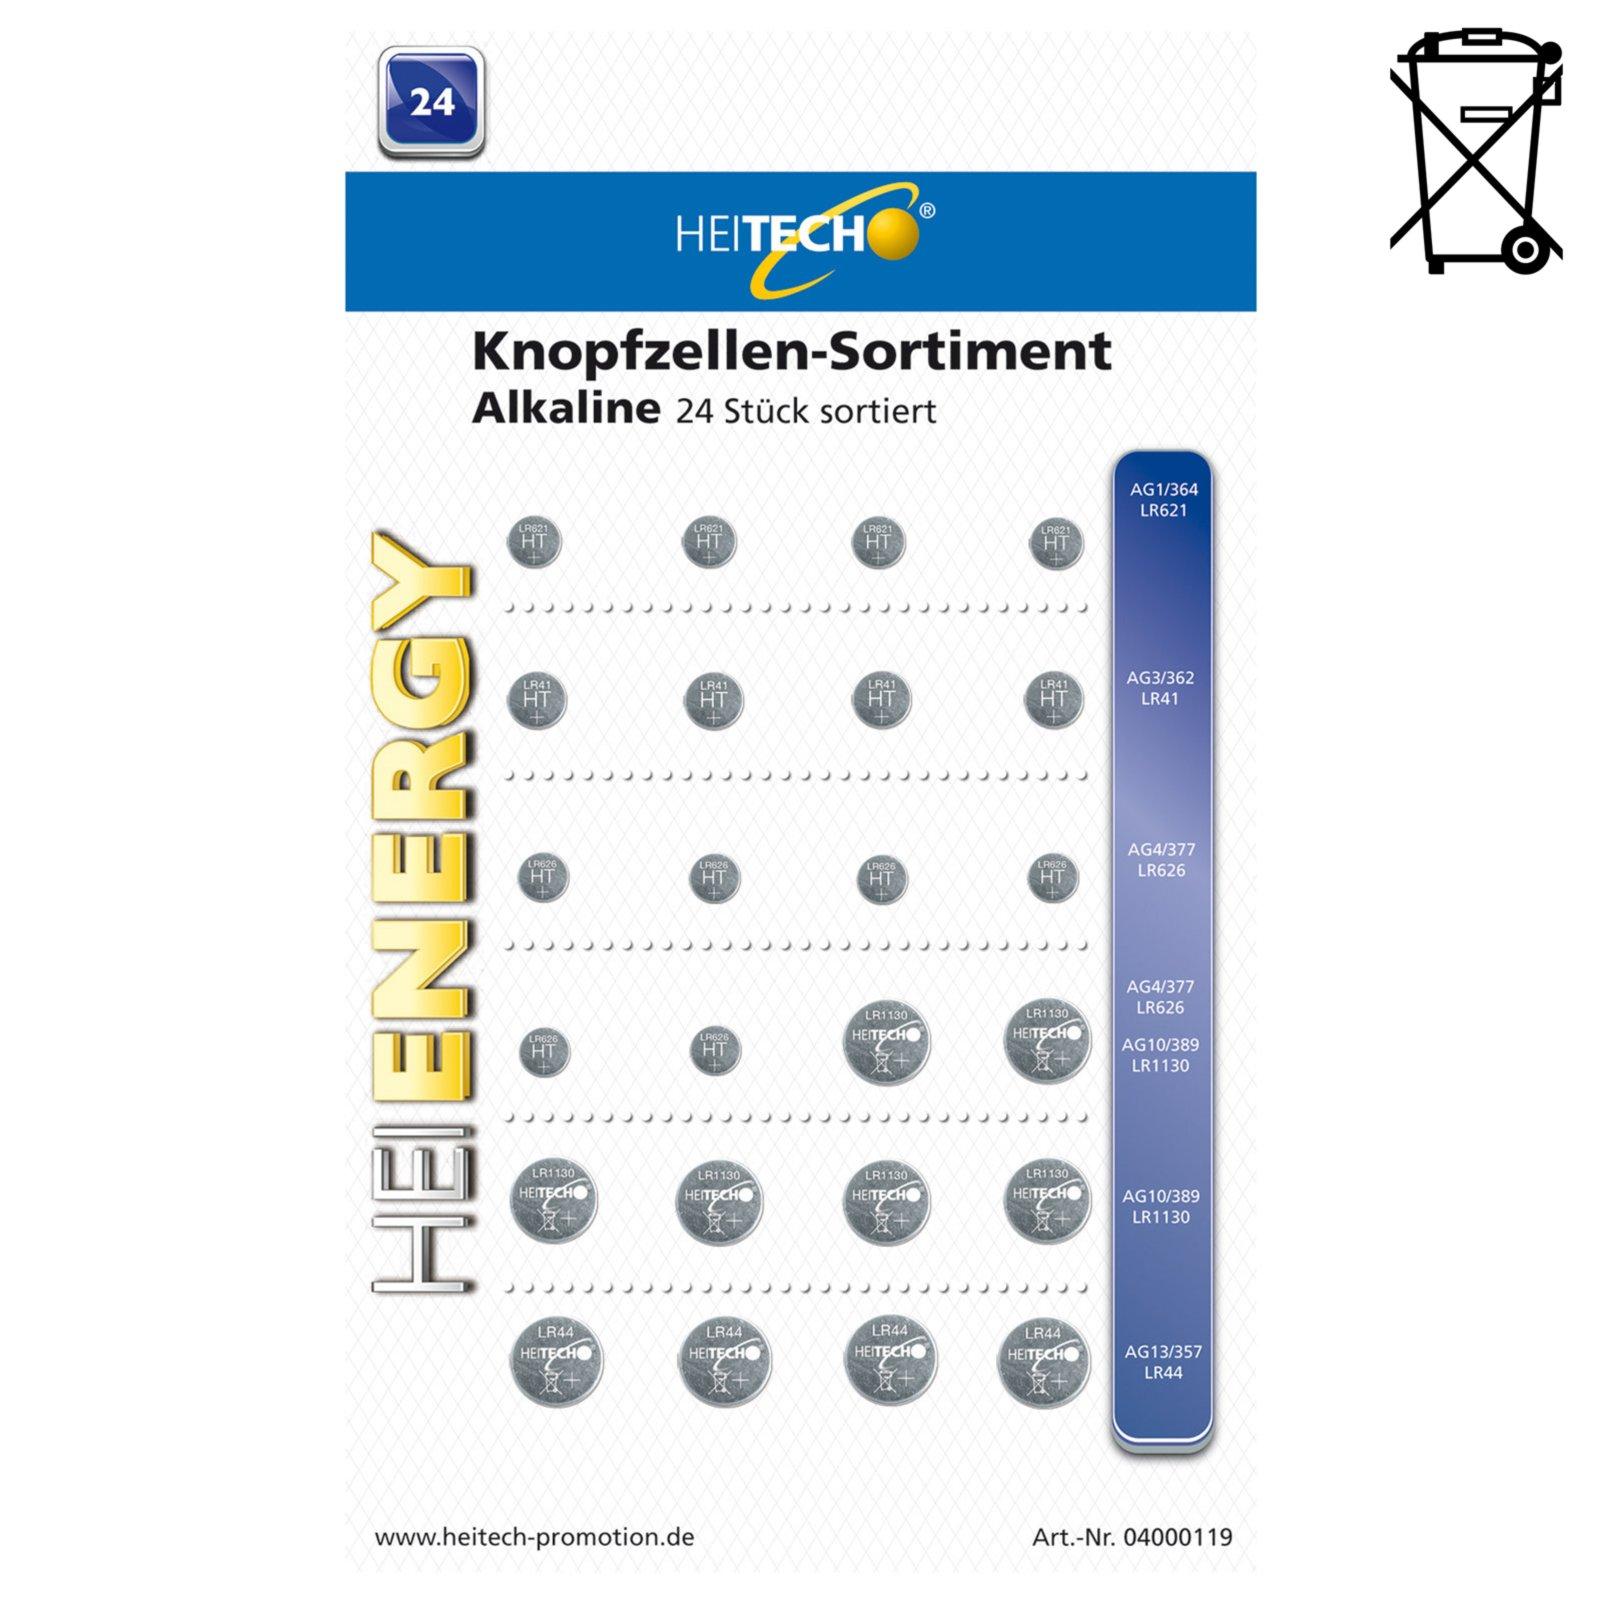 24er-Pack Knopfzellen-Sortiment - Alkaline - sortiert